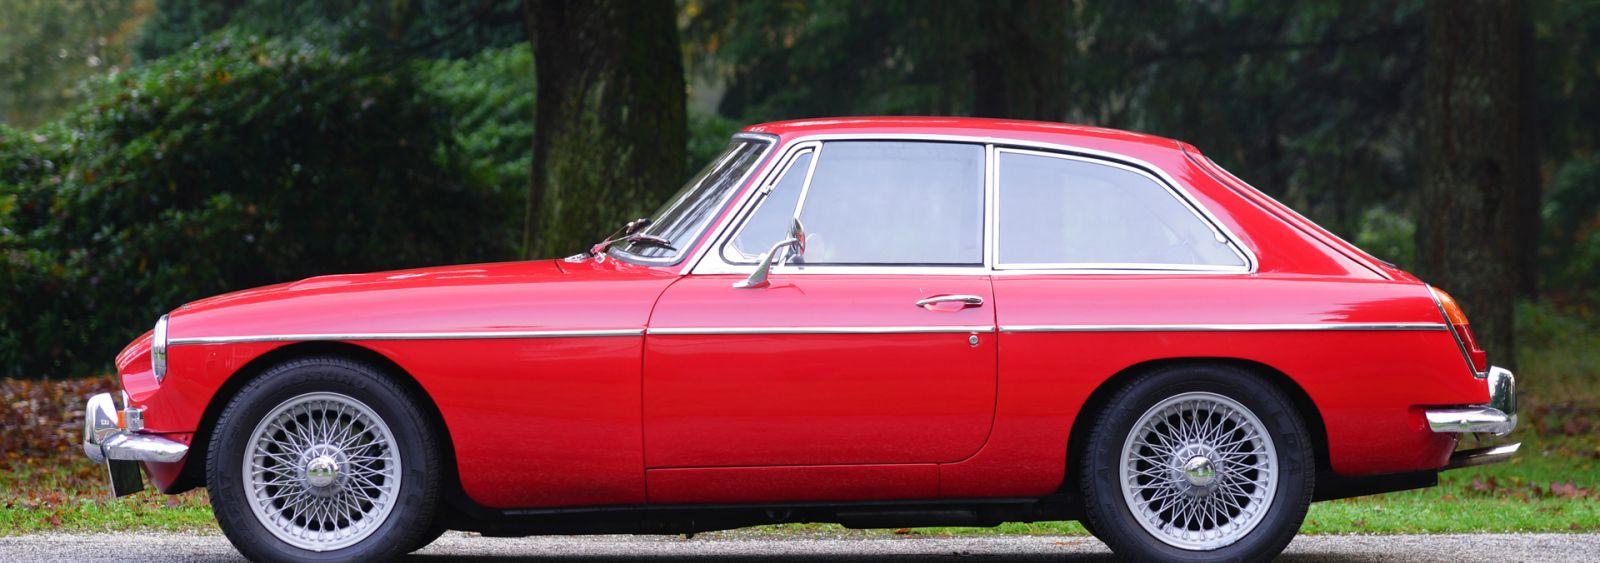 1968 MGB GT Coupe,Rare MGB GT model,Dual SU carburetors,4